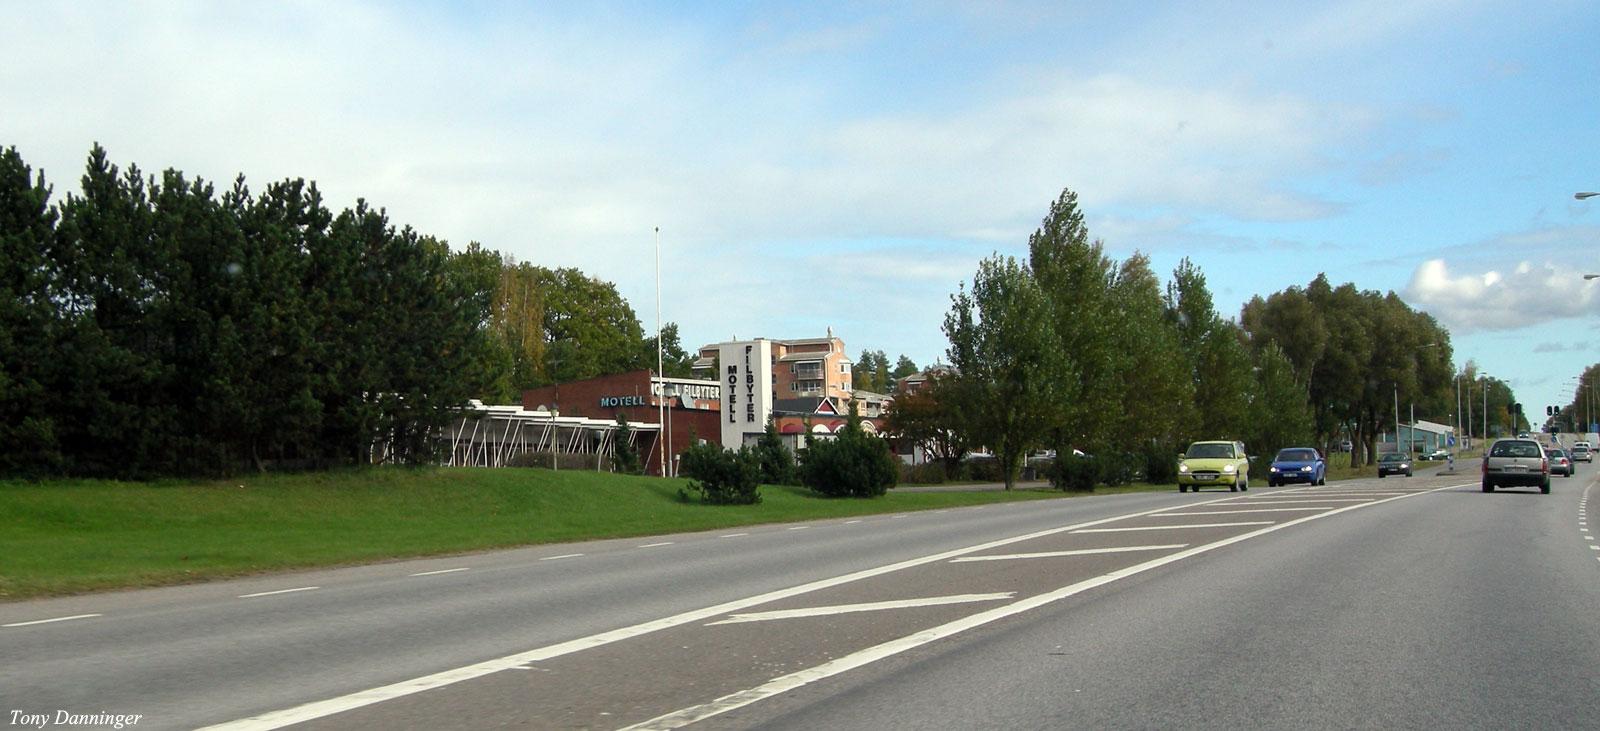 hotell linköping nära centralstationen